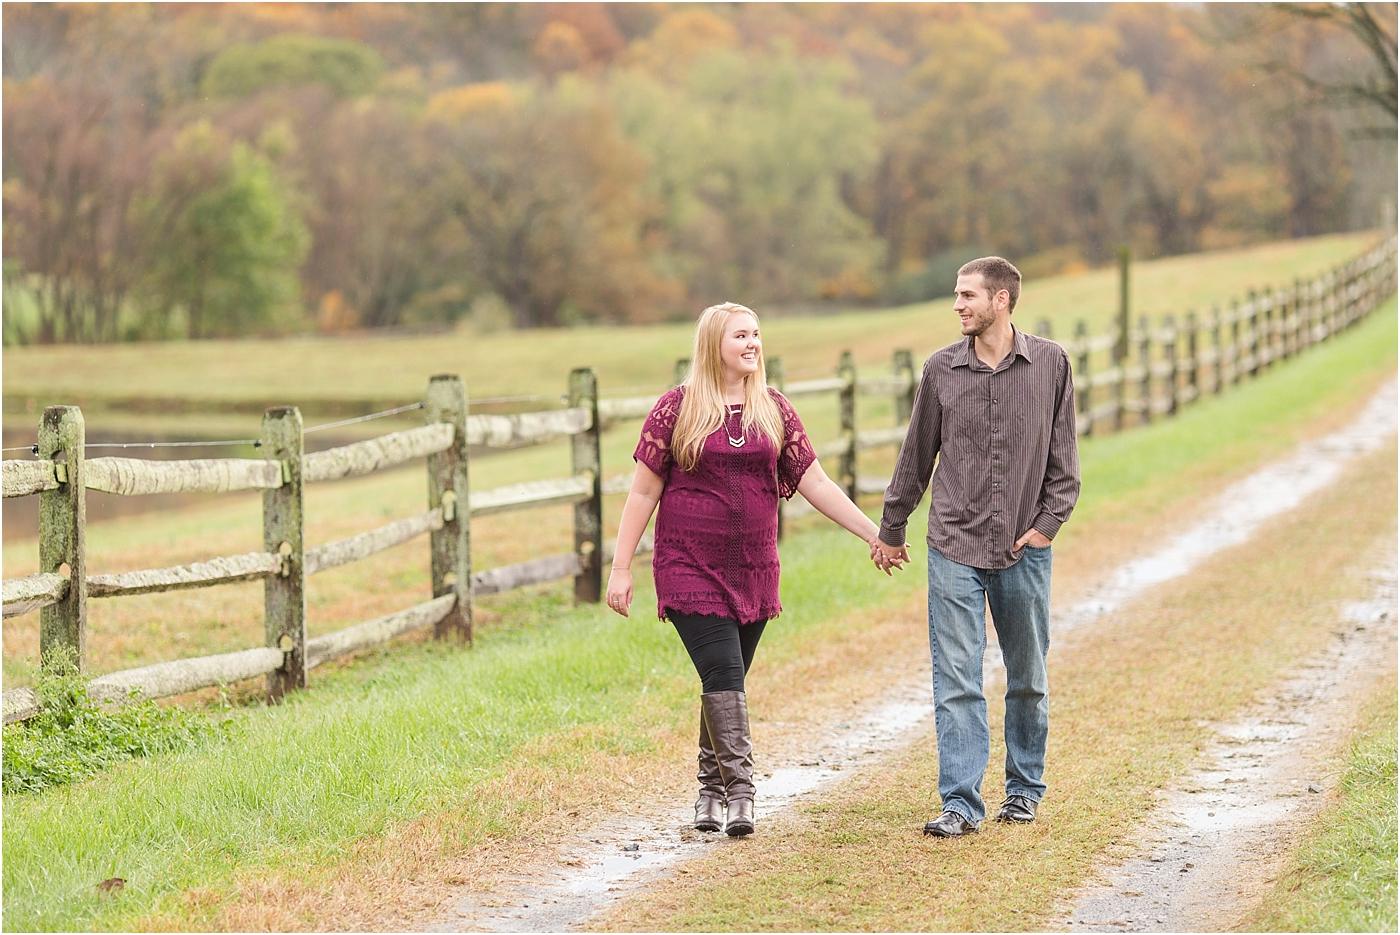 Maryland-Engagement-Photographer-10.jpg